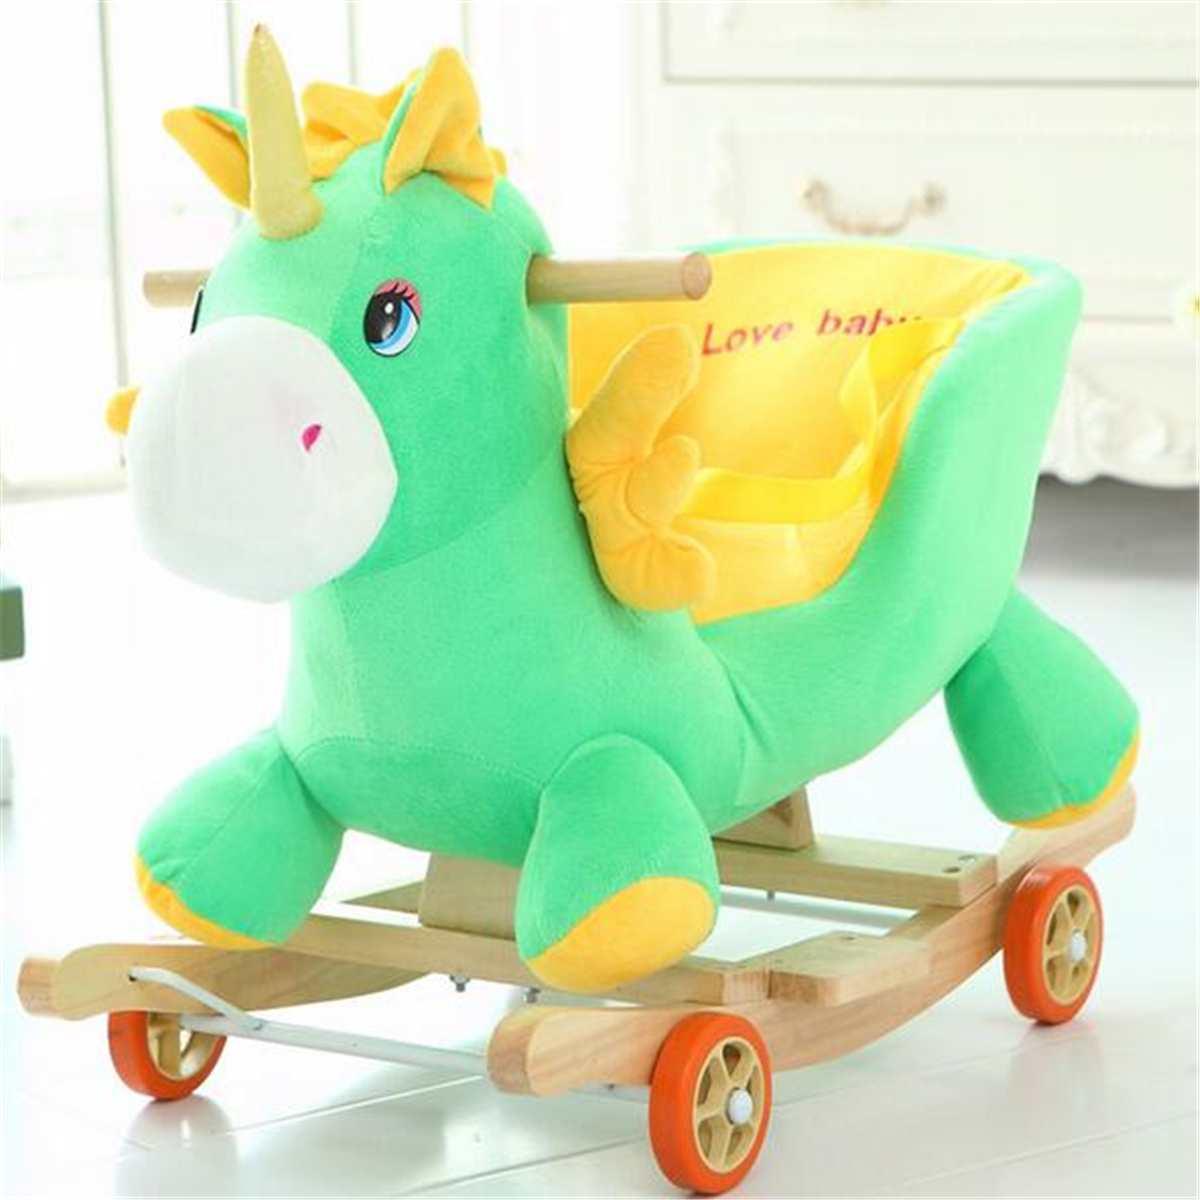 Mecedora de madera y plushh con música, mecedora de juguete troyano, cochecito de bebé, carrito infantil para regalo de cumpleaños para niños - 2